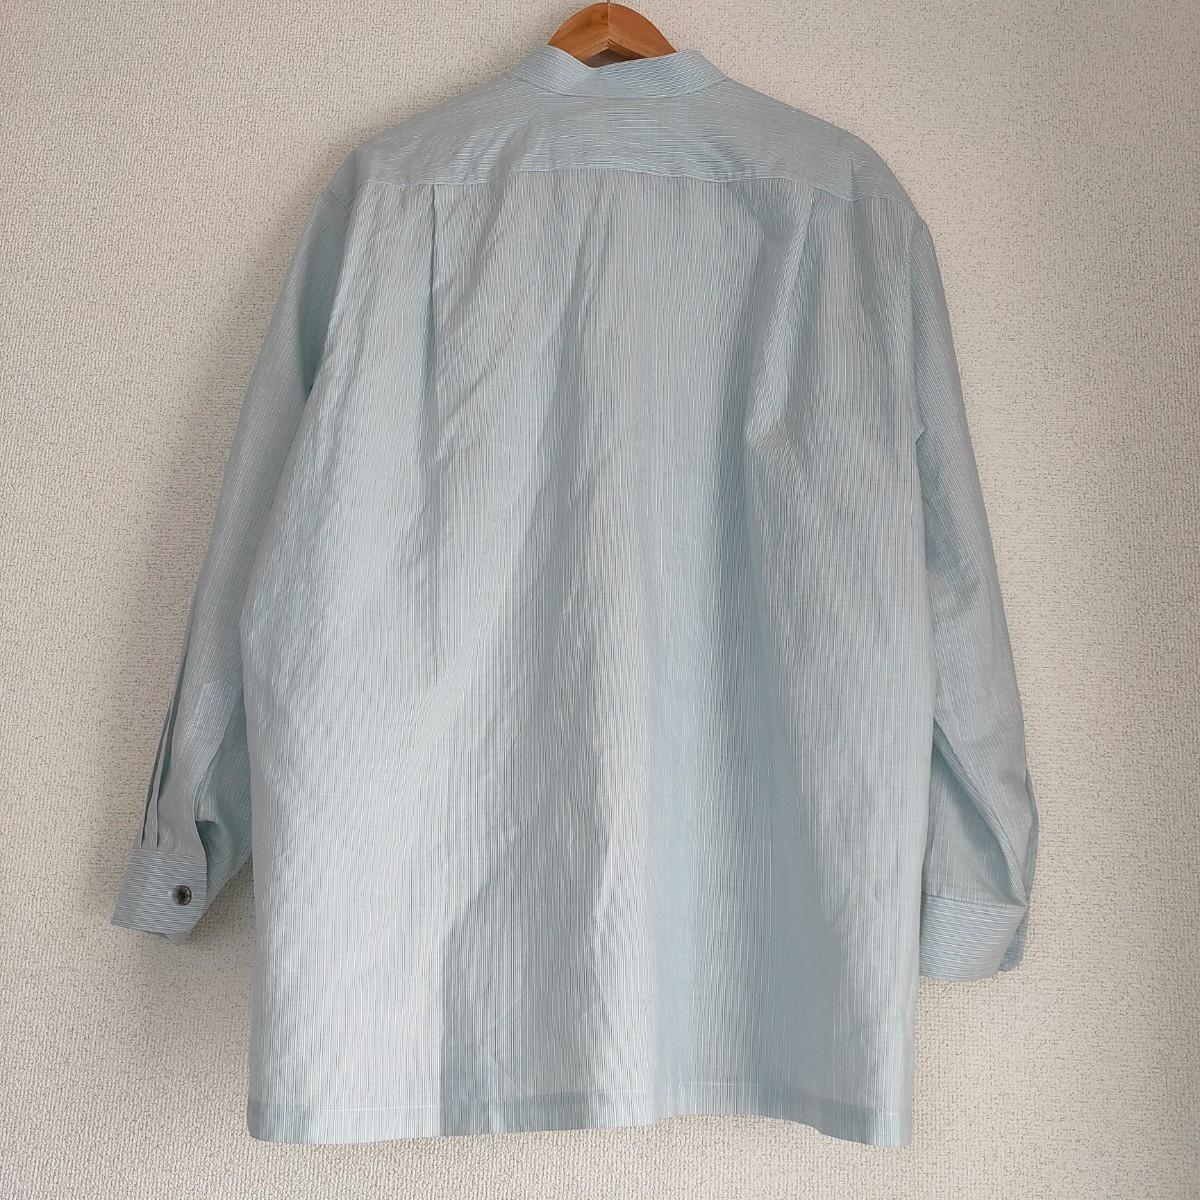 バンドカラーシャツ メンズ ストライプ